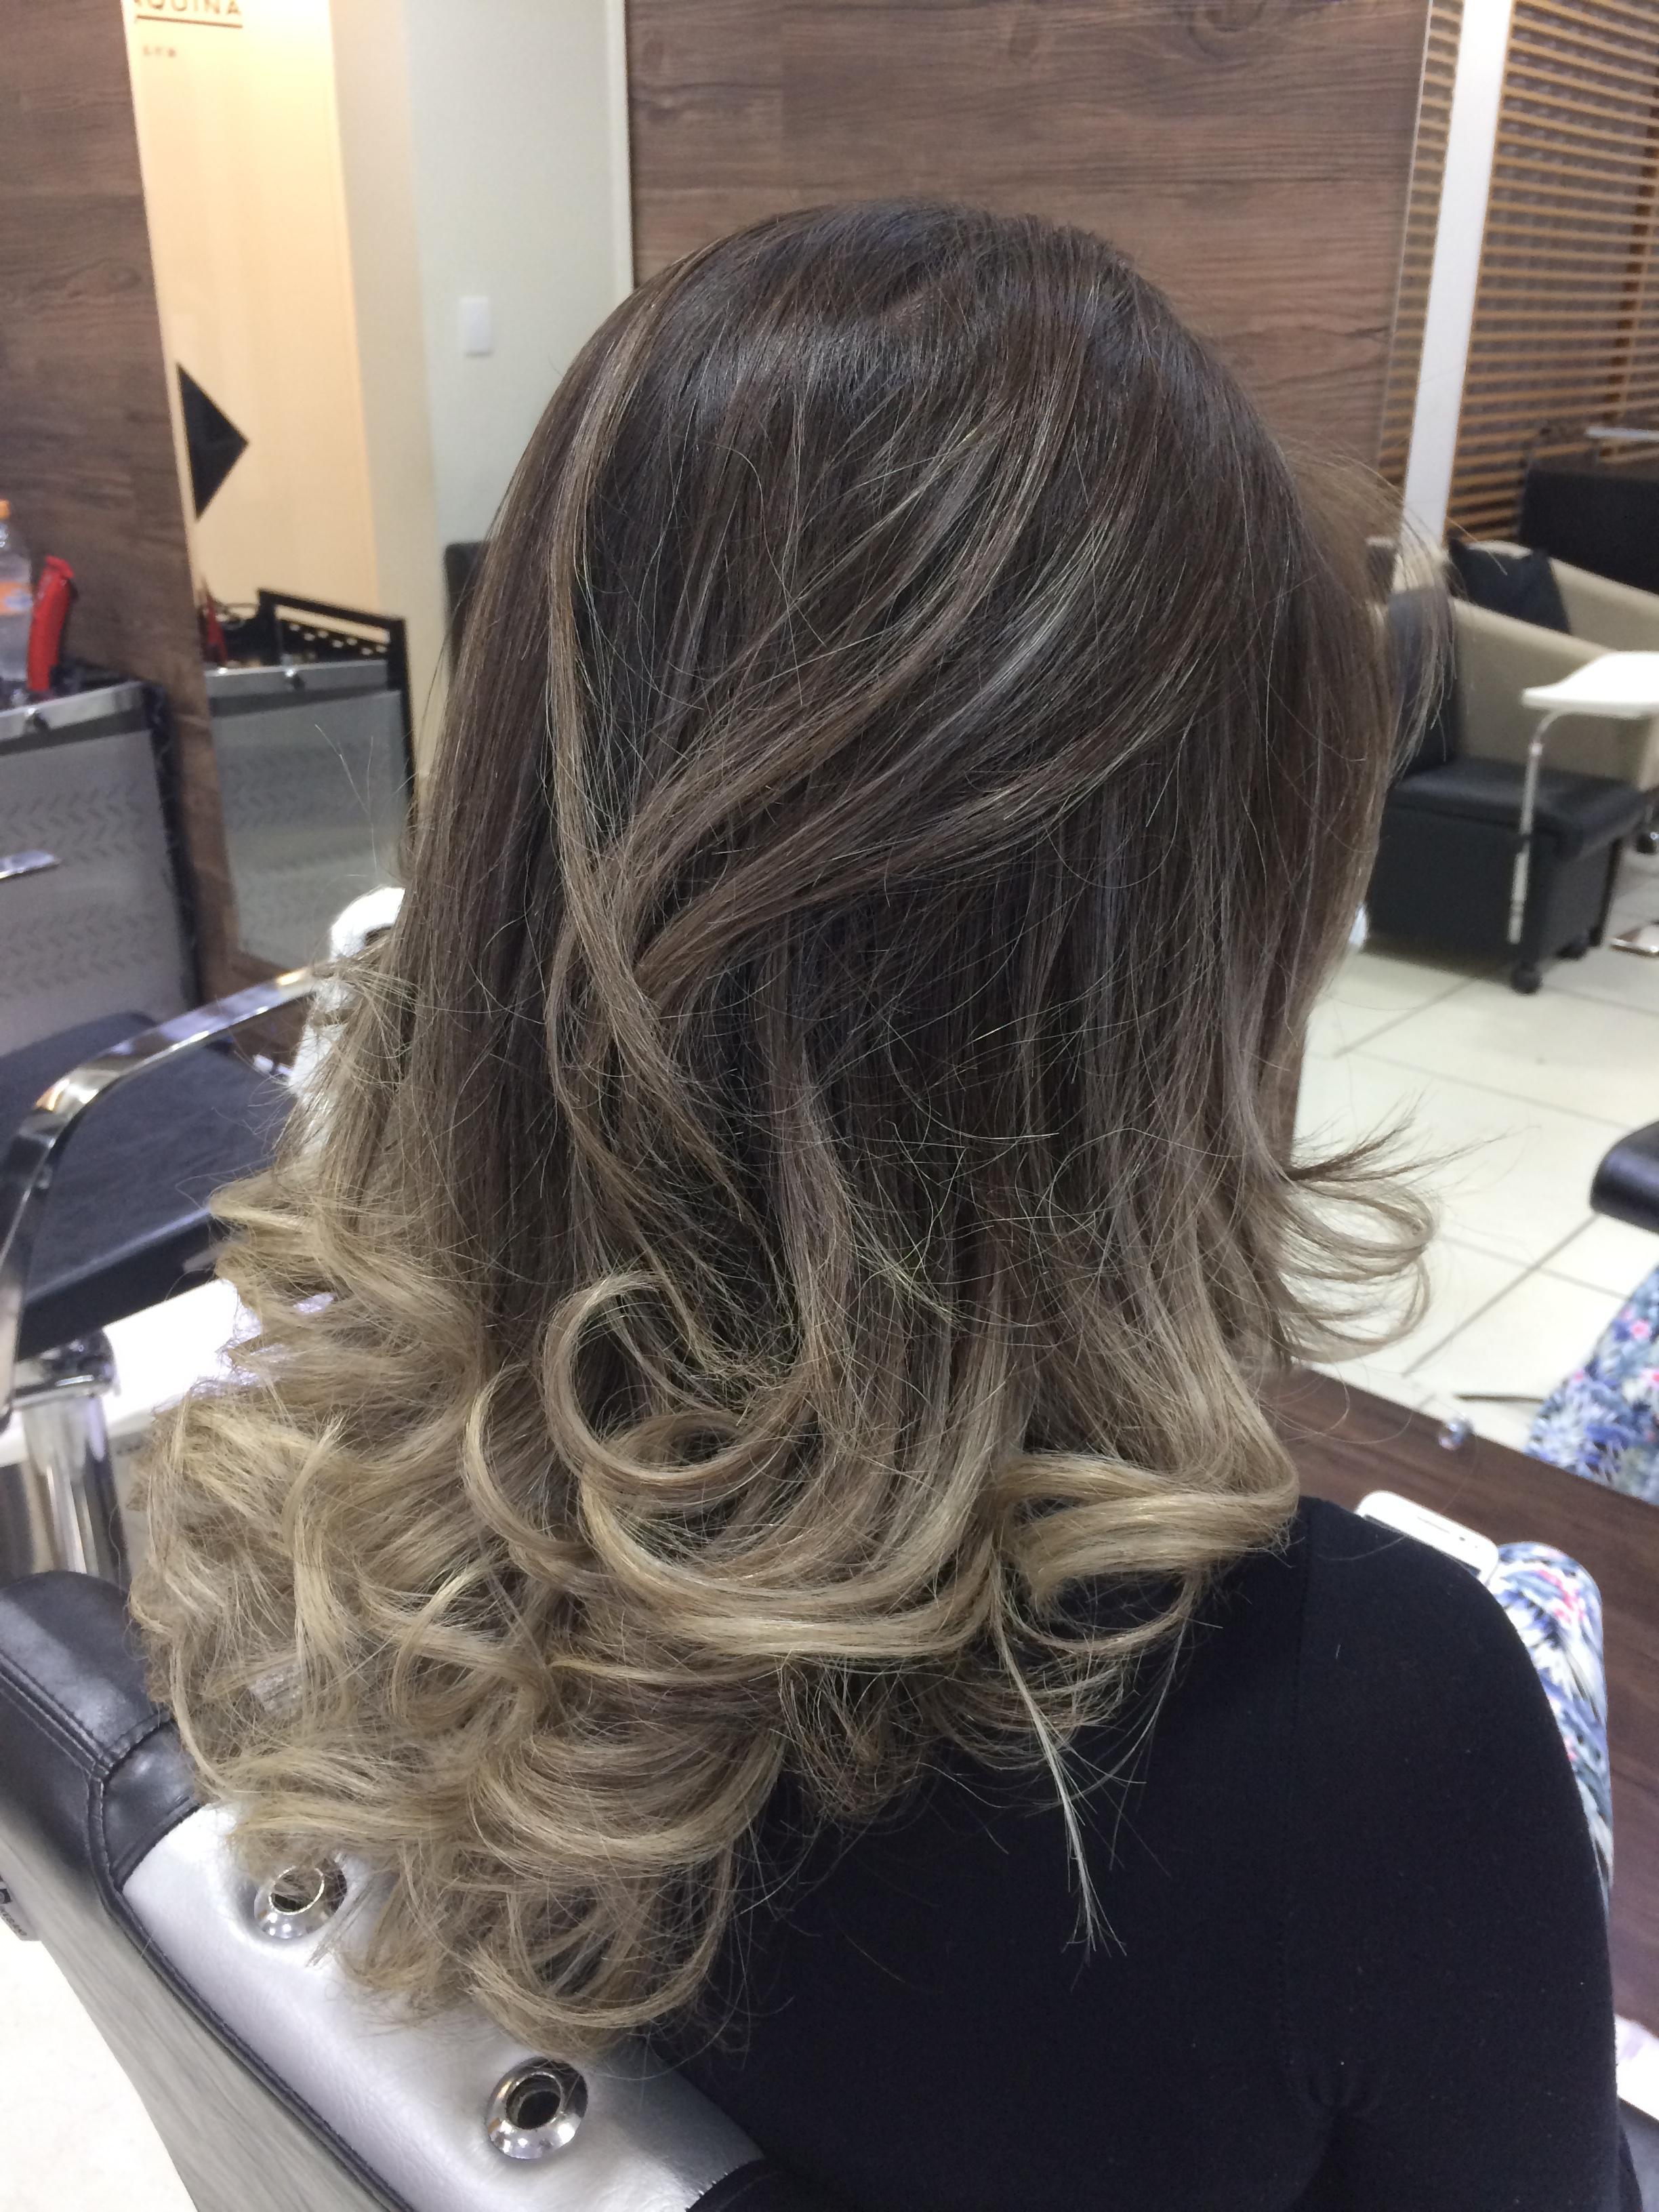 Ombrehair no tom de loiro bege!!! cabelo cabeleireiro(a) barbeiro(a)